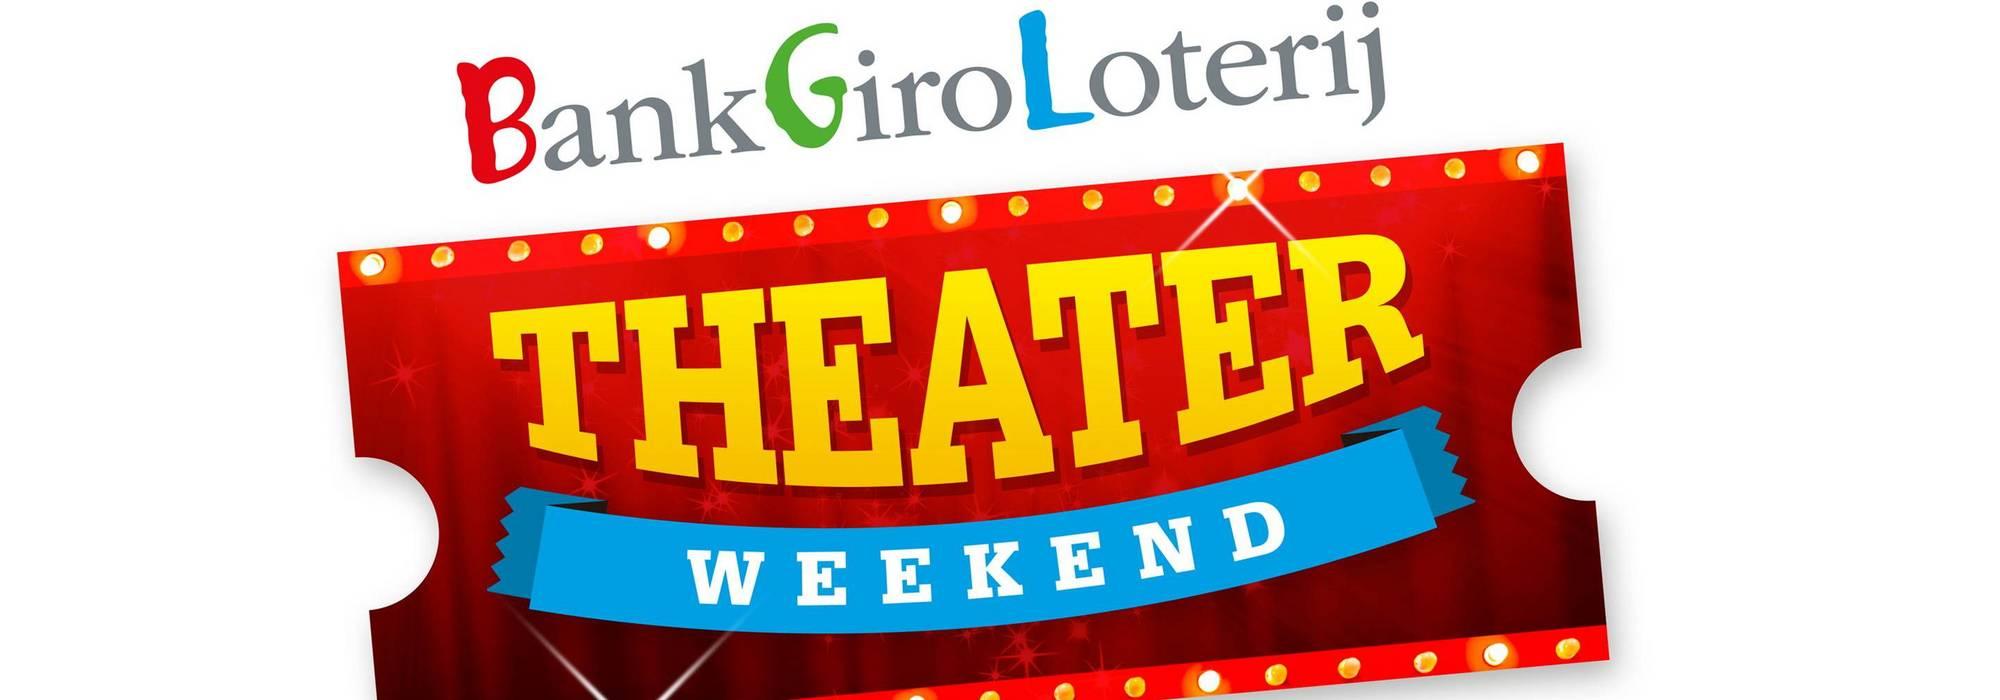 Bankgiro Loterij Theaterweekend Zwolse Theaters